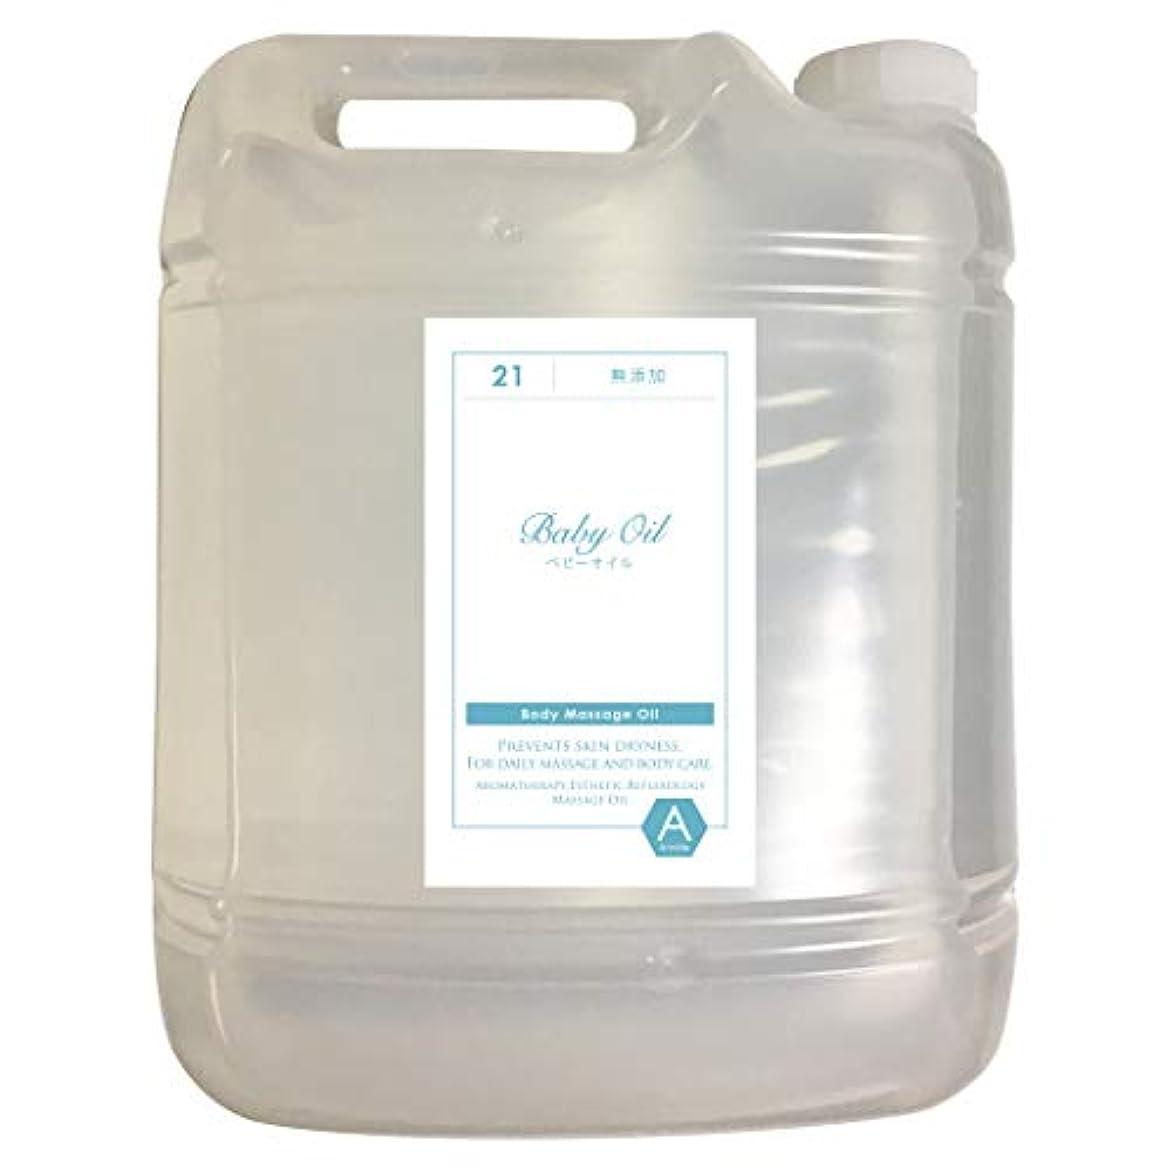 開発するシェルター子孫無添加ベビーオイル(無香料)業務用サイズマッサージオイル 5L